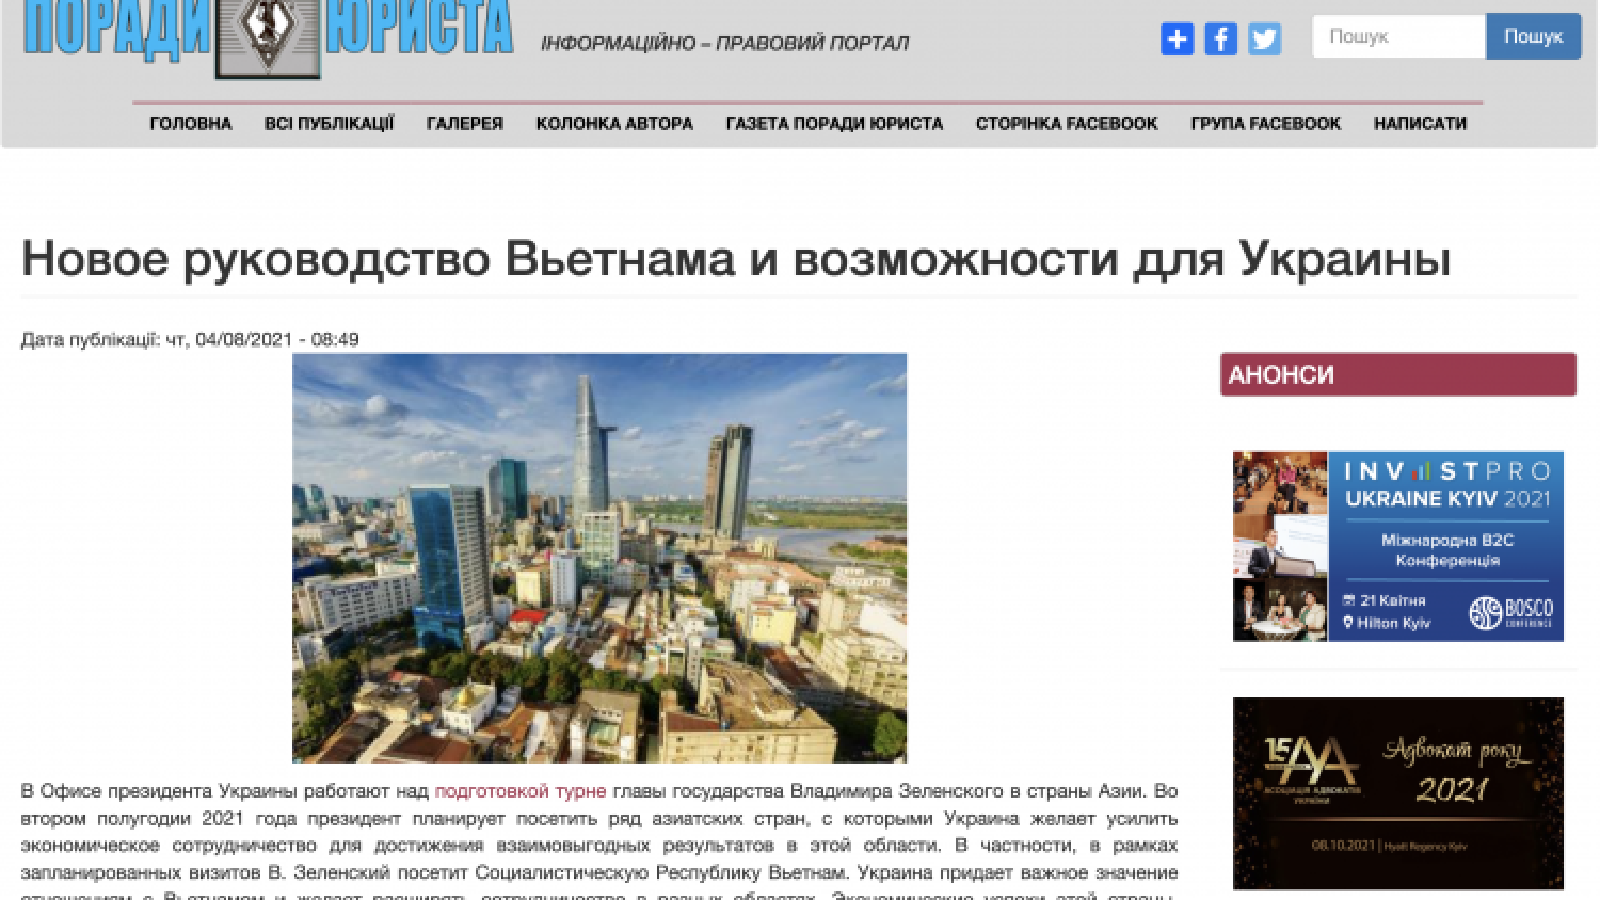 Báo chí Ukraine đánh giá cao thành công trong công tác nhân sự của Việt Nam